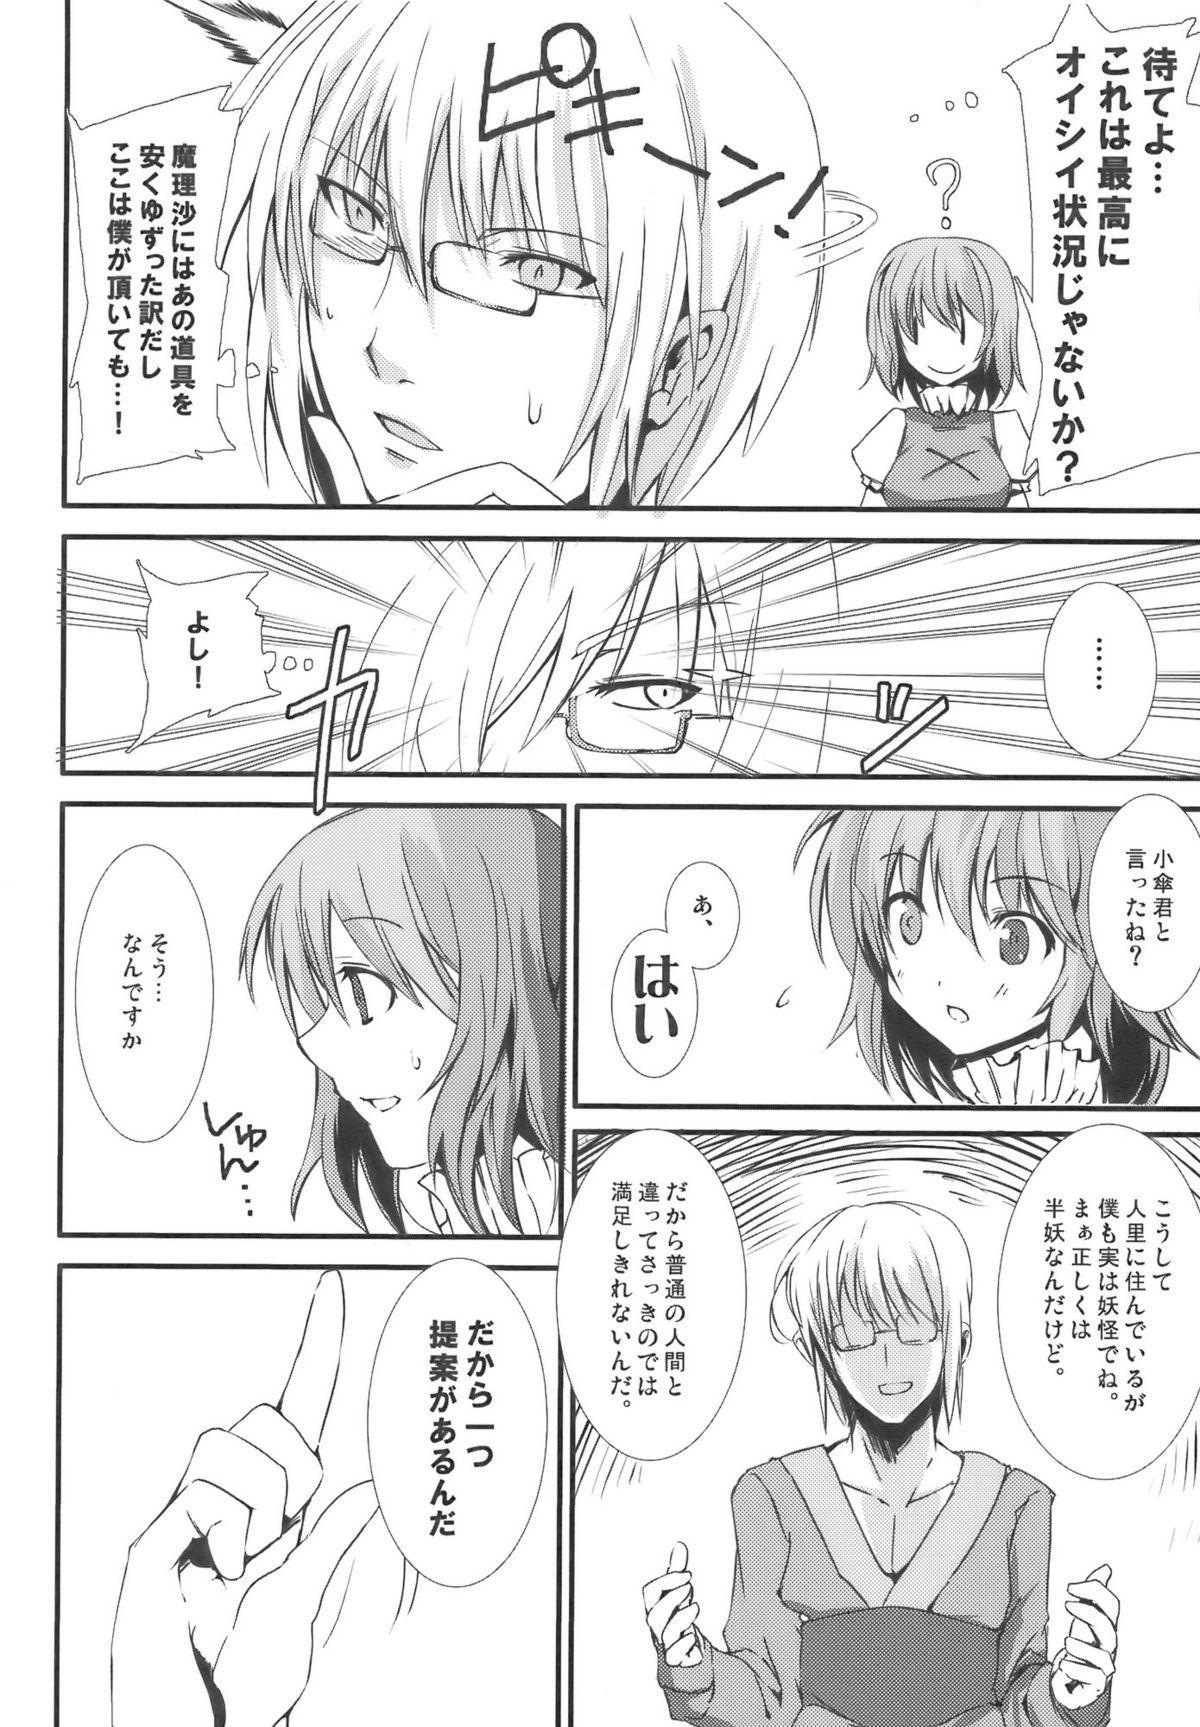 Kasa no Ongaeshi 11